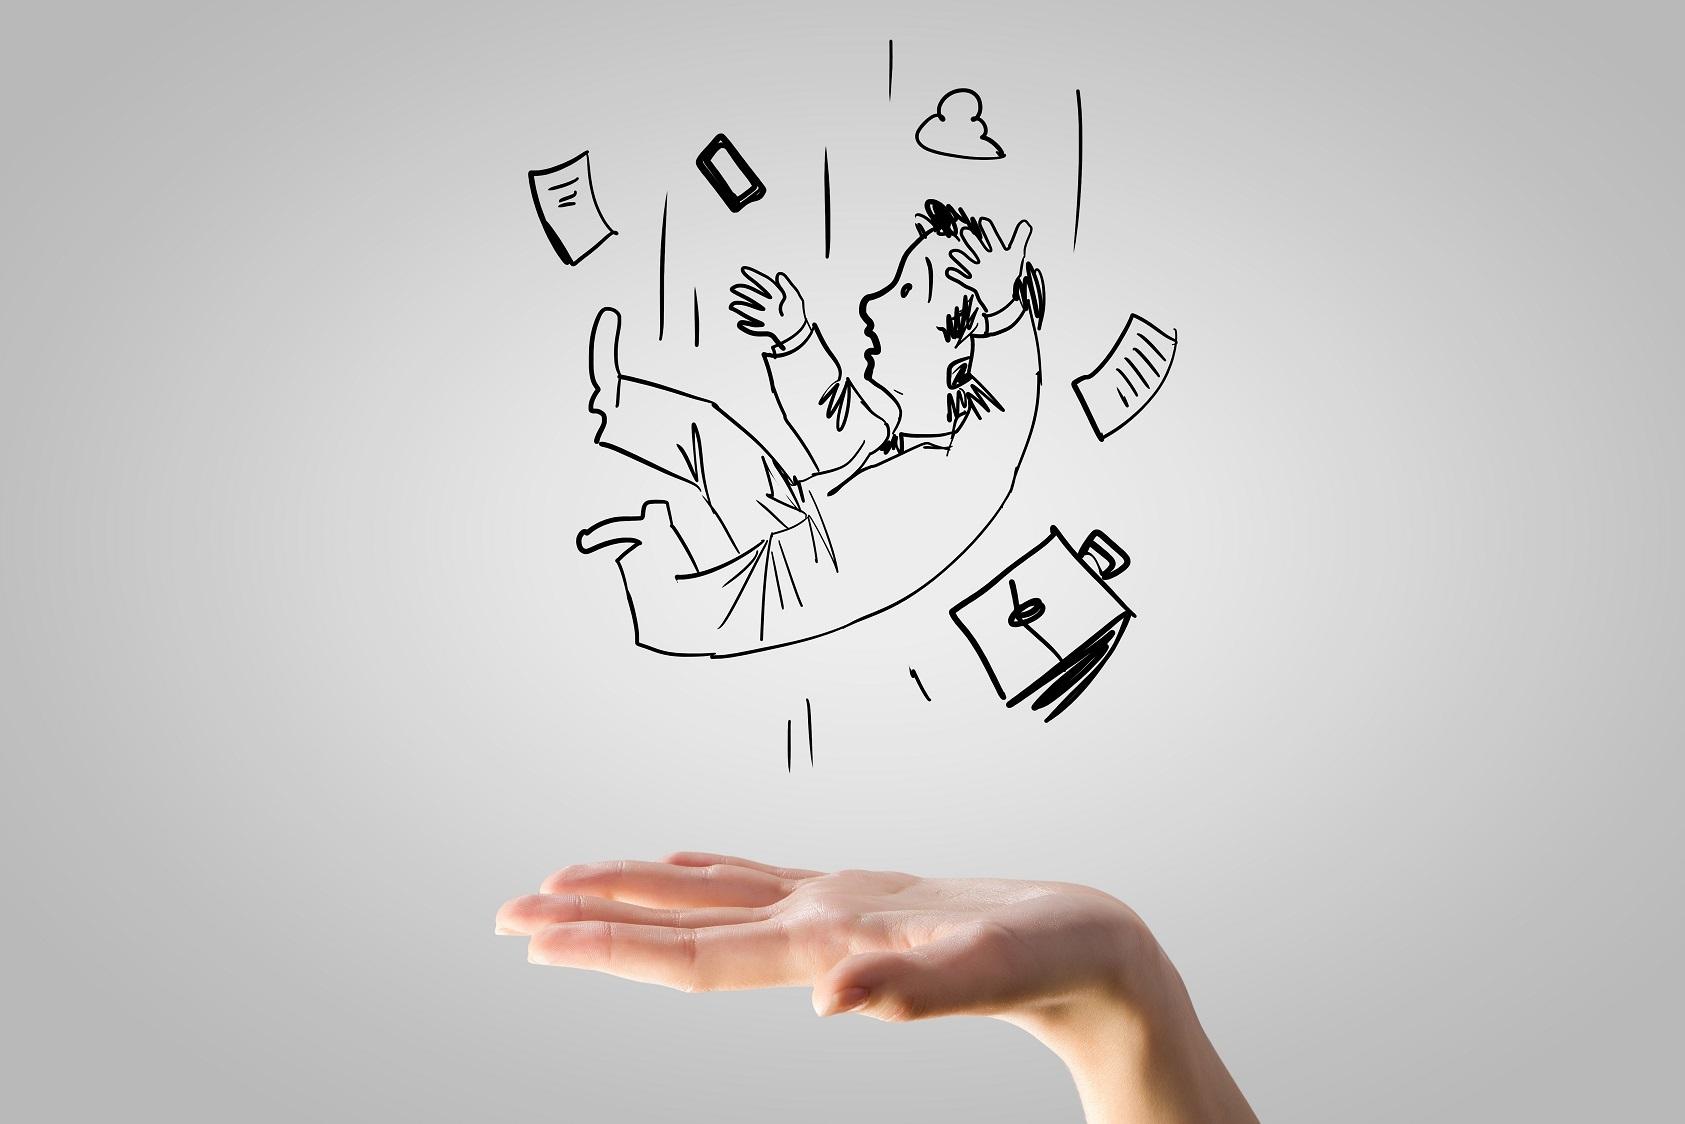 взять займ онлайн на карту безработнымзаявка на кредит онлайн в нескольких банках